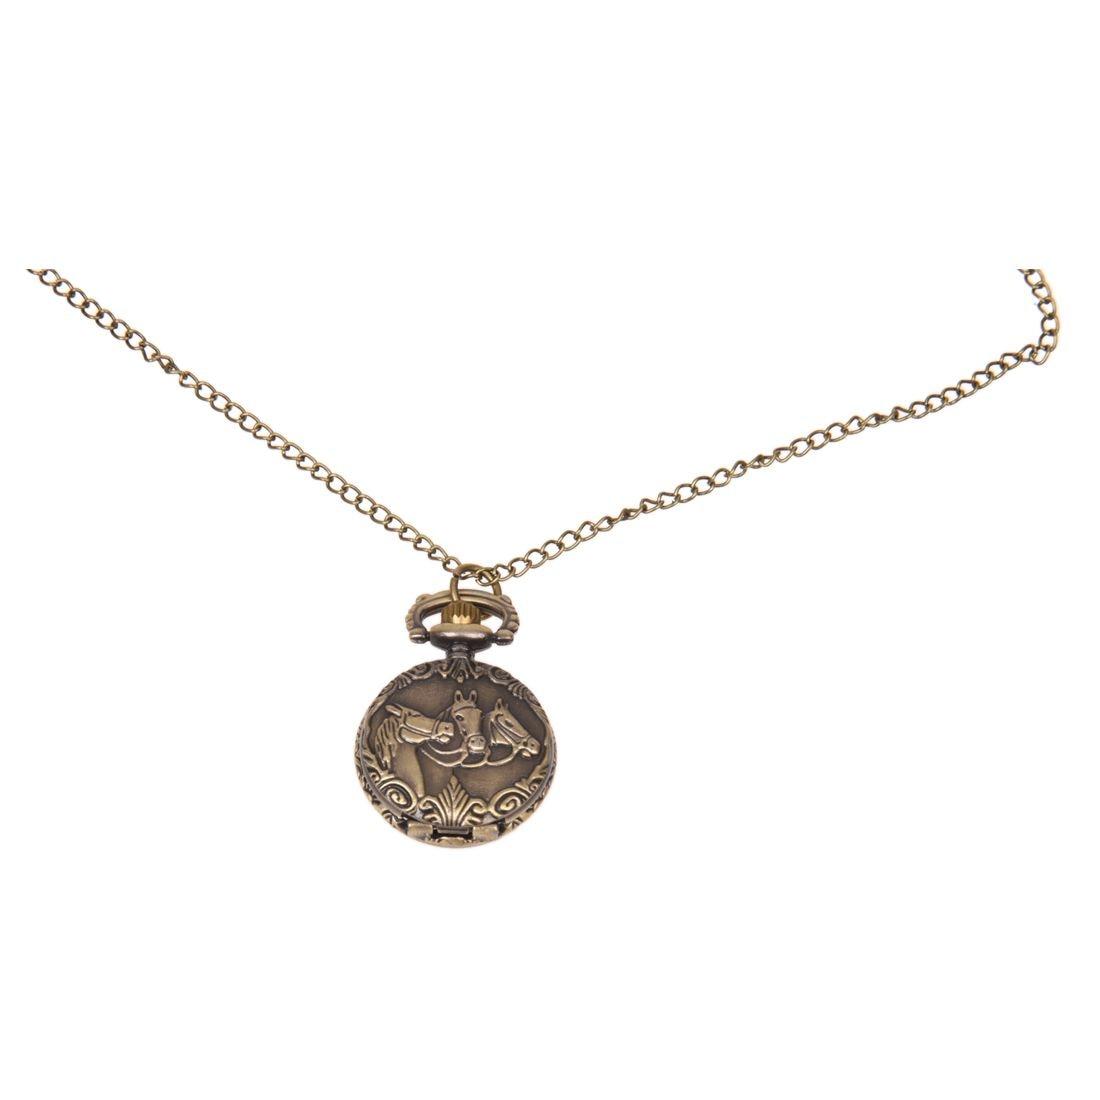 Оптовая продажа бронзовые 3 лошади гравировка кварцевые карманные часы ожерелье 50psc/лот